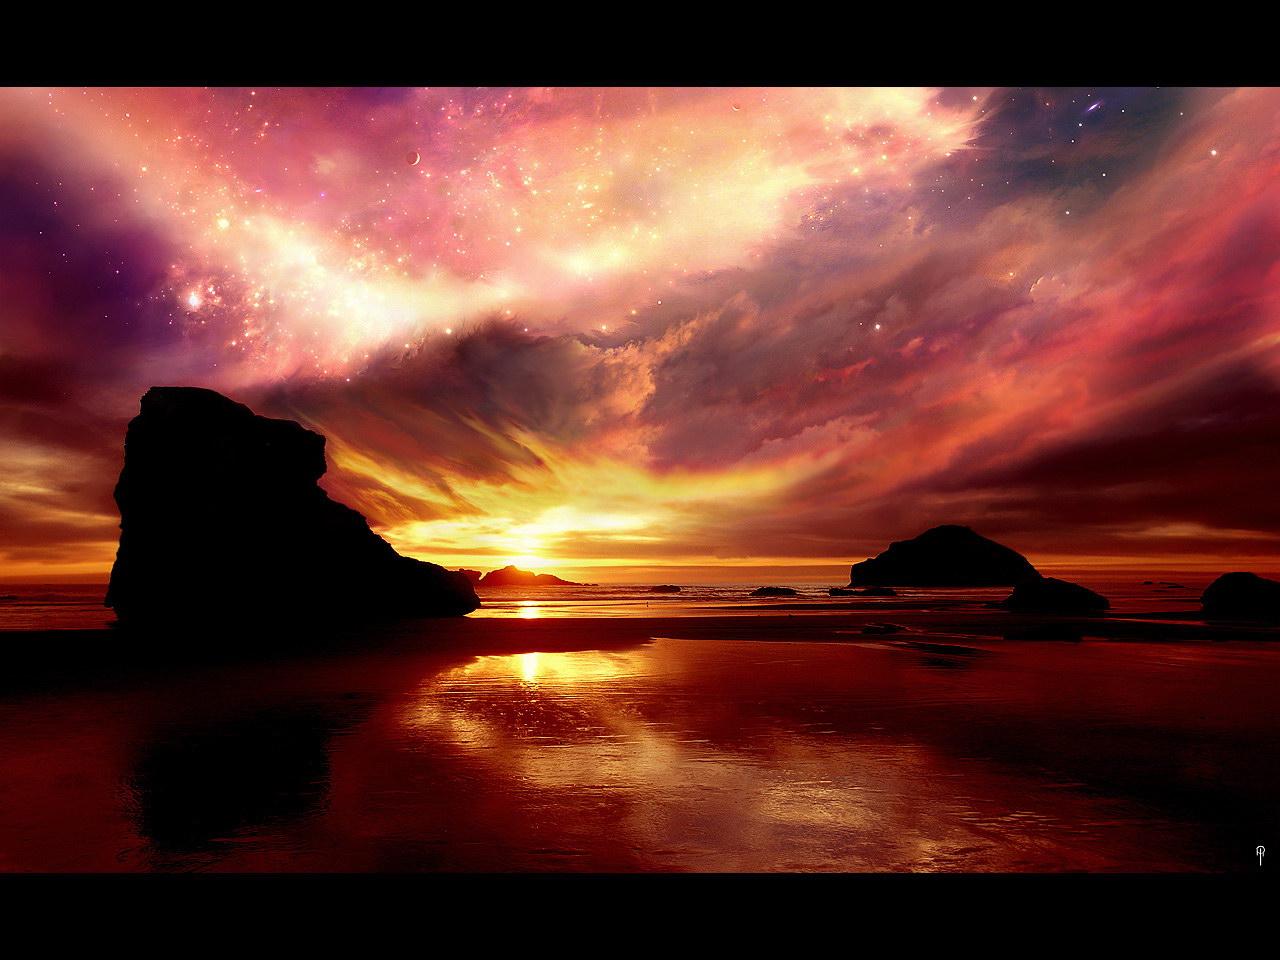 Обои фото звездное небо на закате